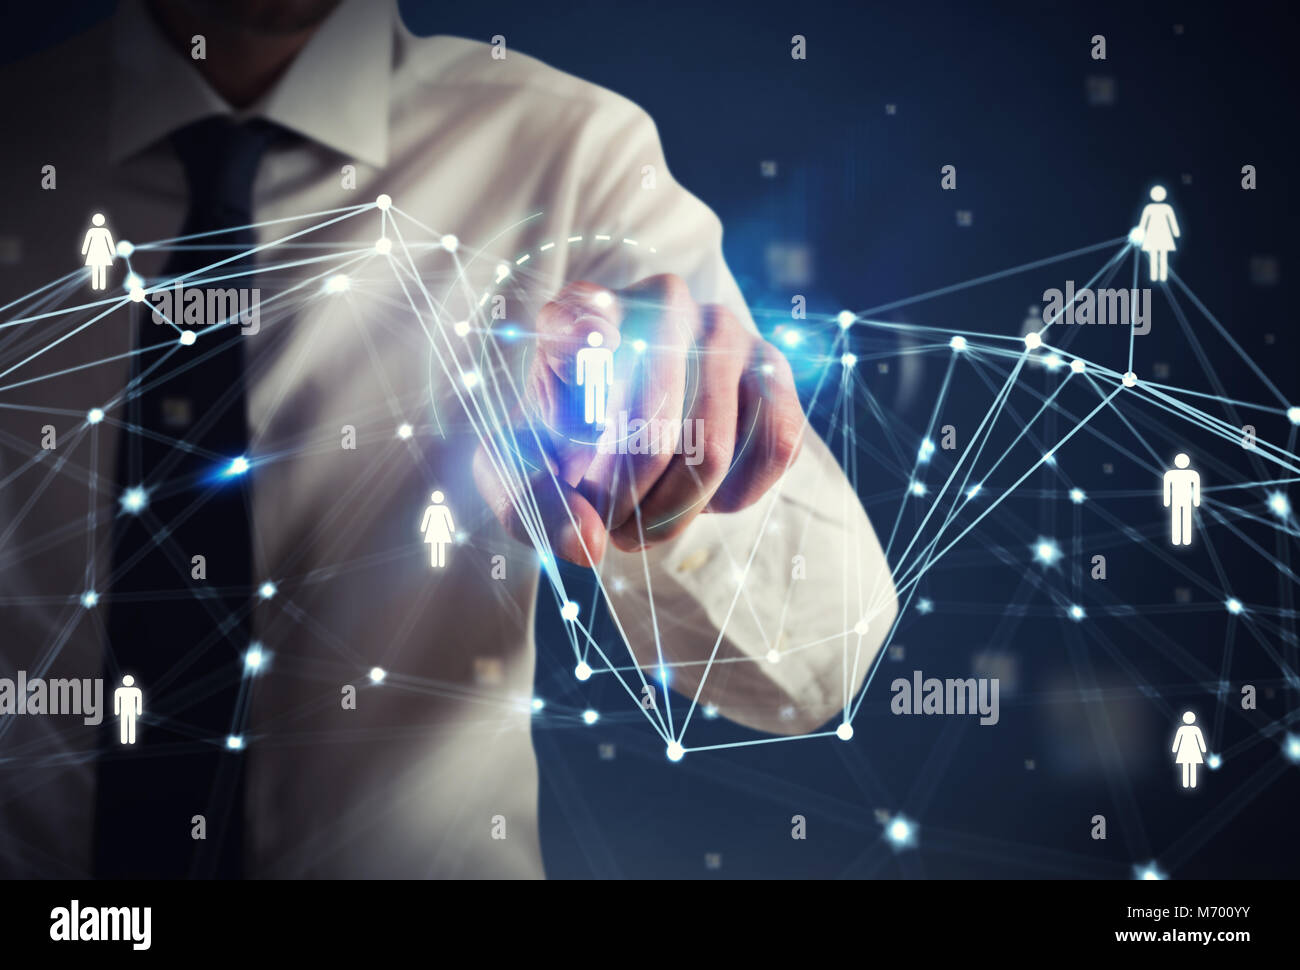 Administrador de recursos humanos selecciona el equipo para un nuevo proyecto Imagen De Stock